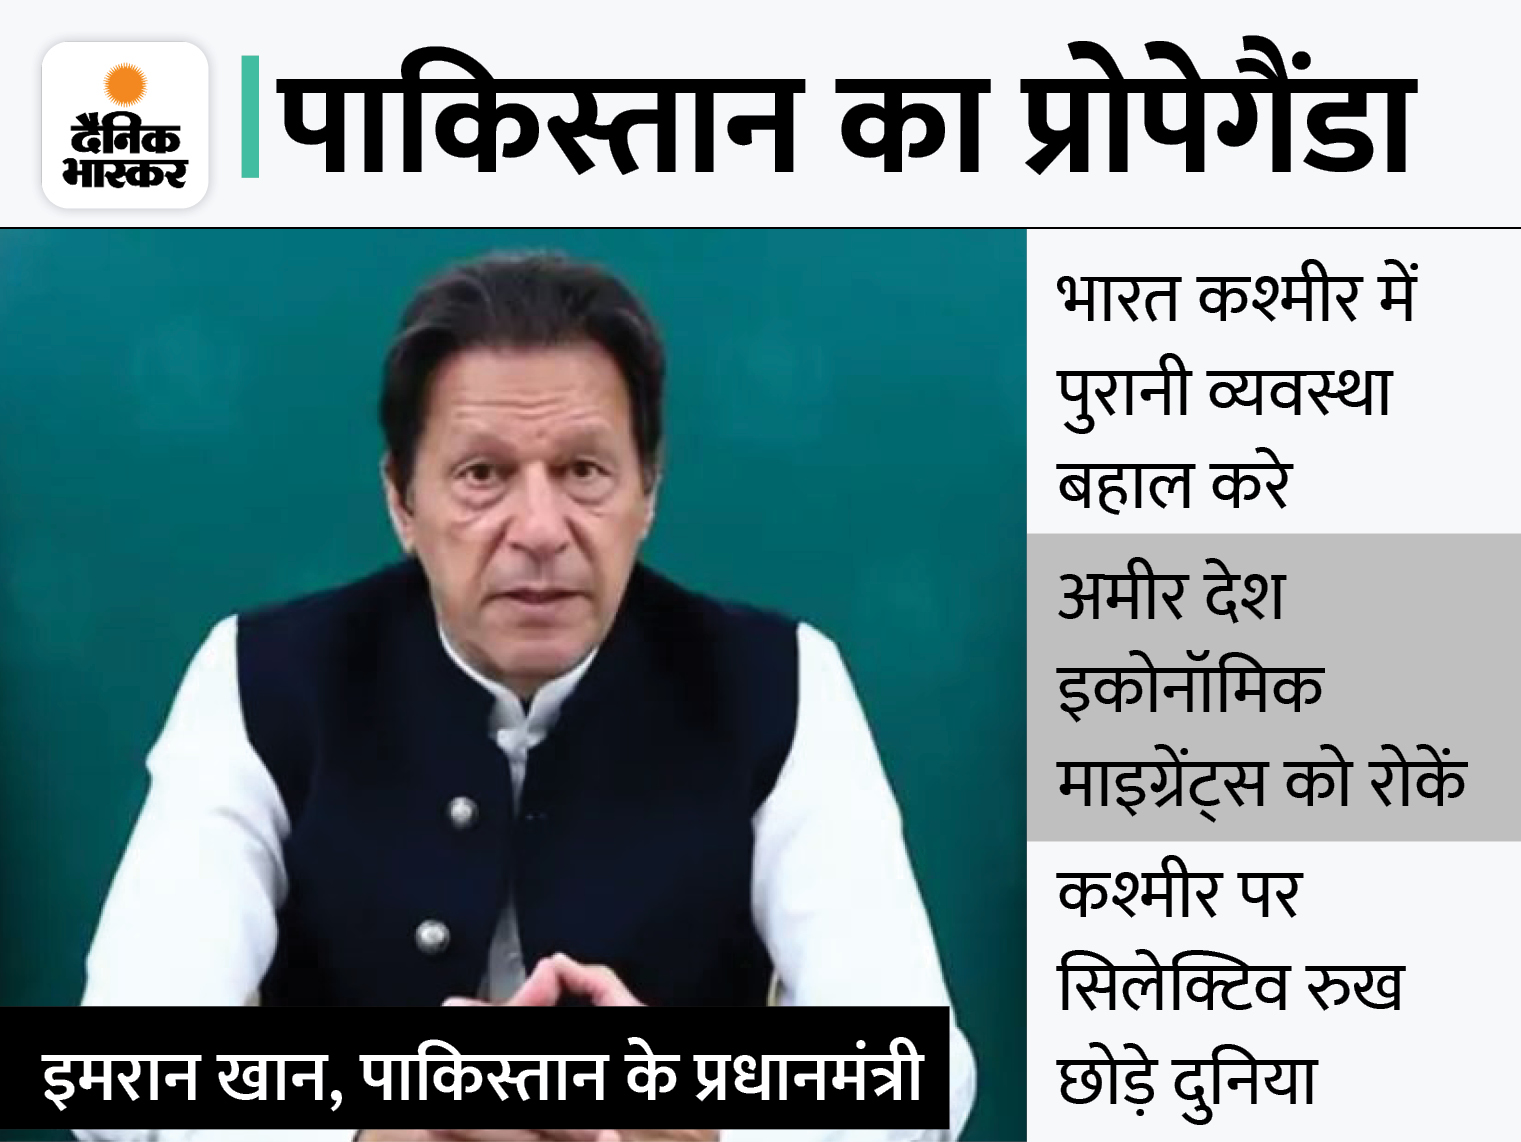 इमरान खान बोले- कश्मीर में भारत ने जबरन कब्जा किया; भारत का जवाब- झूठ फैला रहा आतंकियों को पनाह देने वाला देश|विदेश,International - Dainik Bhaskar